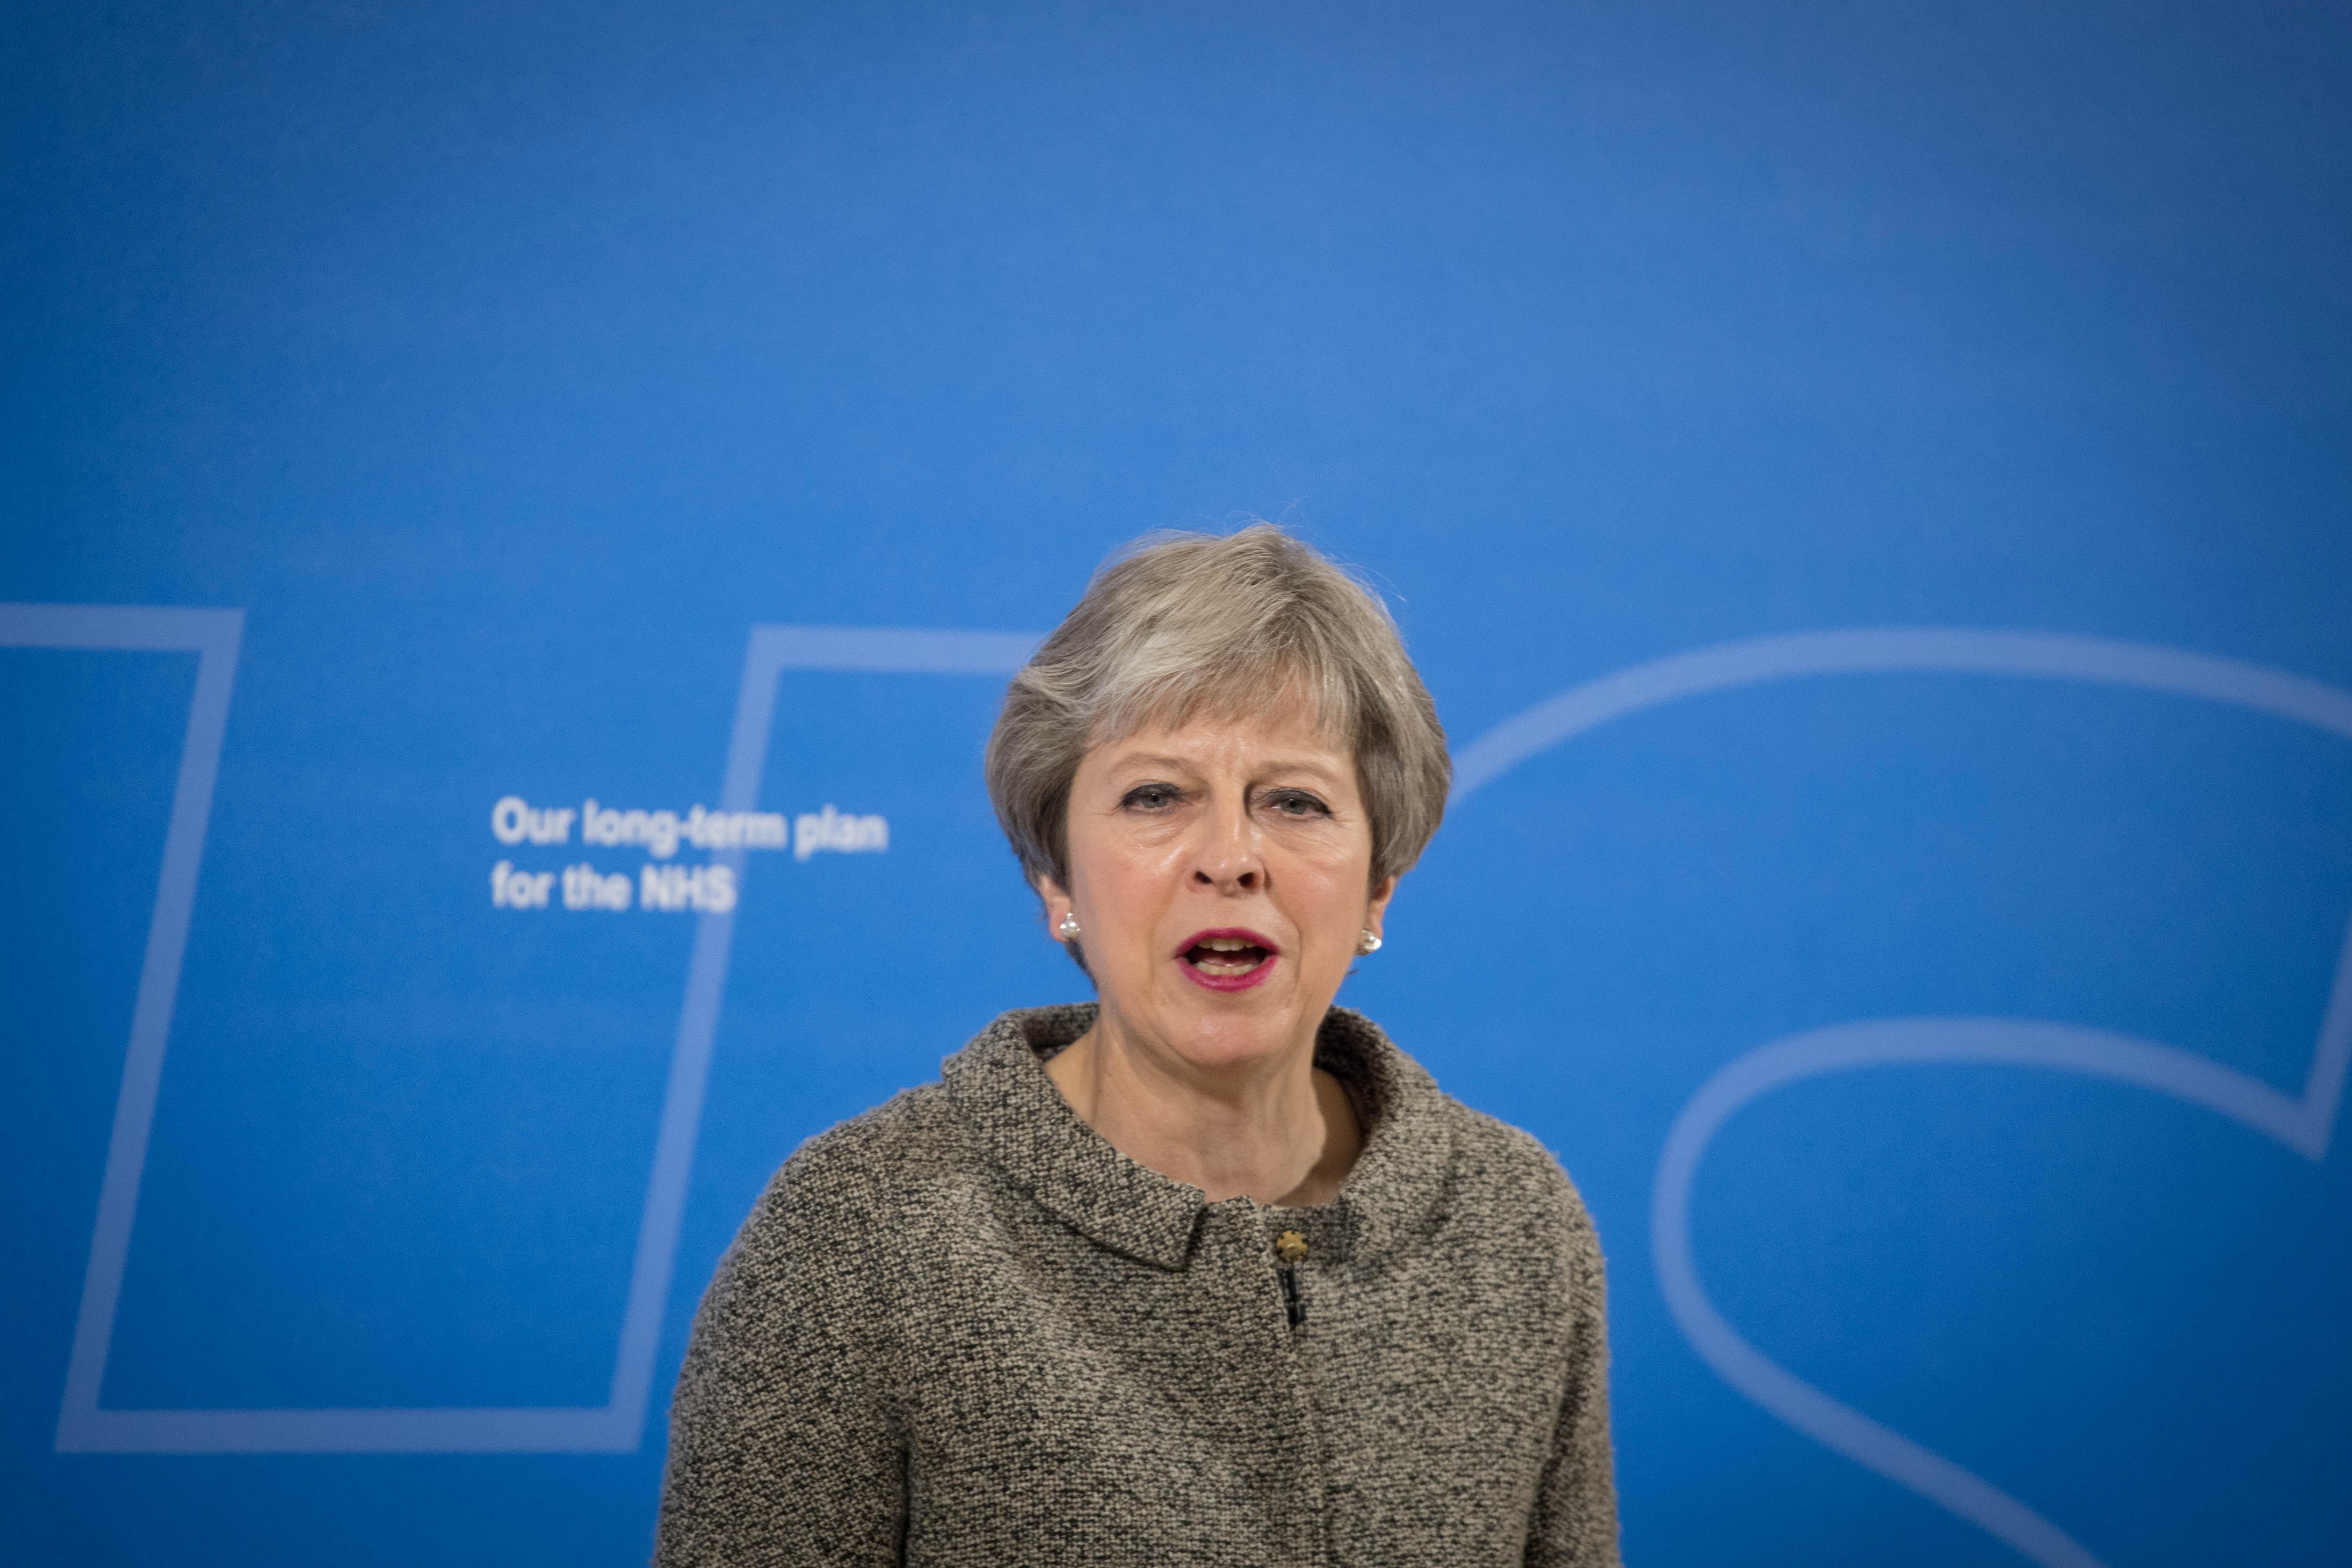 Brexit-Schelte für May: Großbritanniens Premierministerin steht vor erneuter Machtprobe